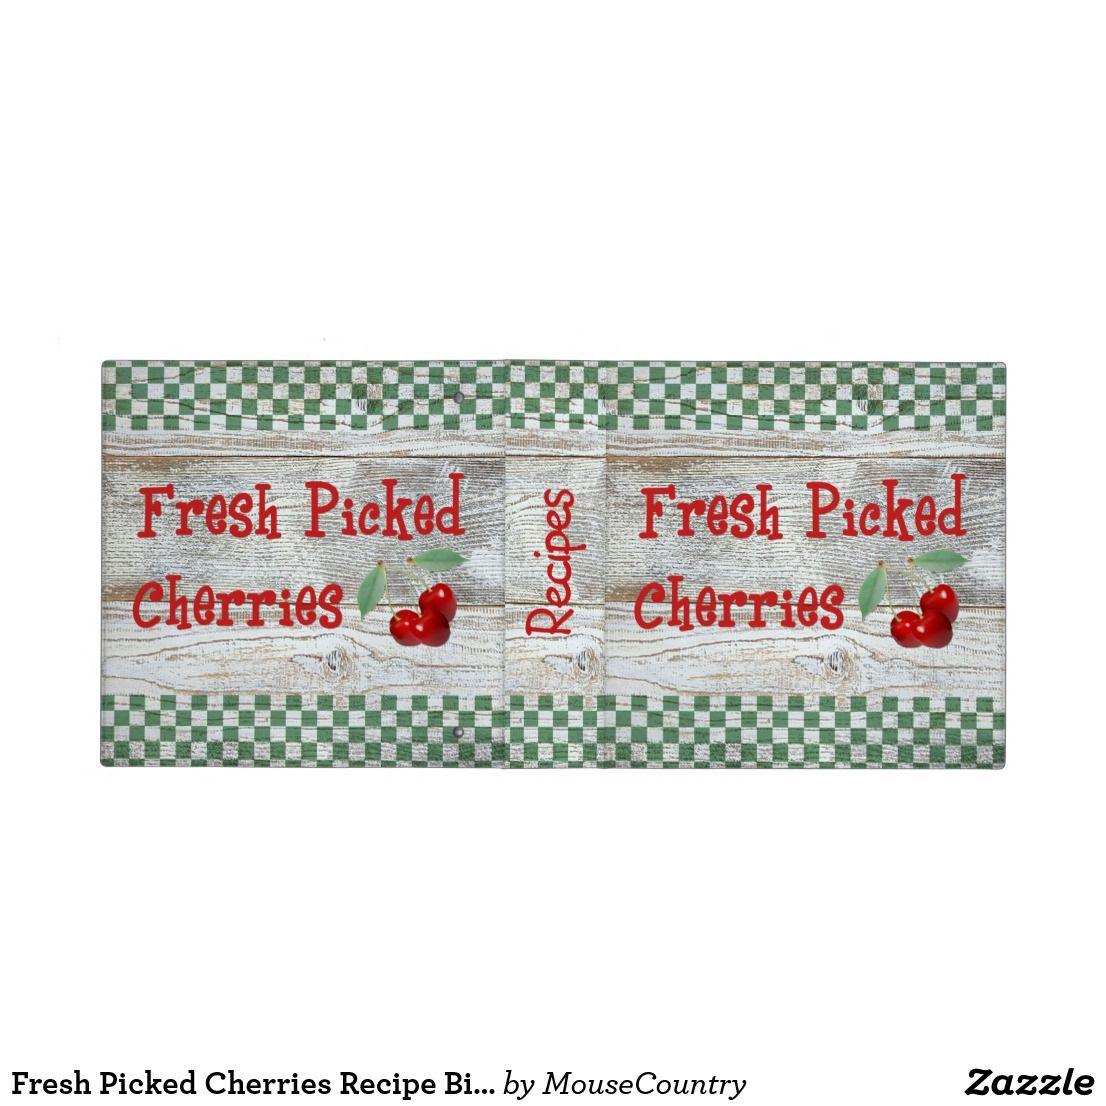 Fresh Picked Cherries Recipe Binder